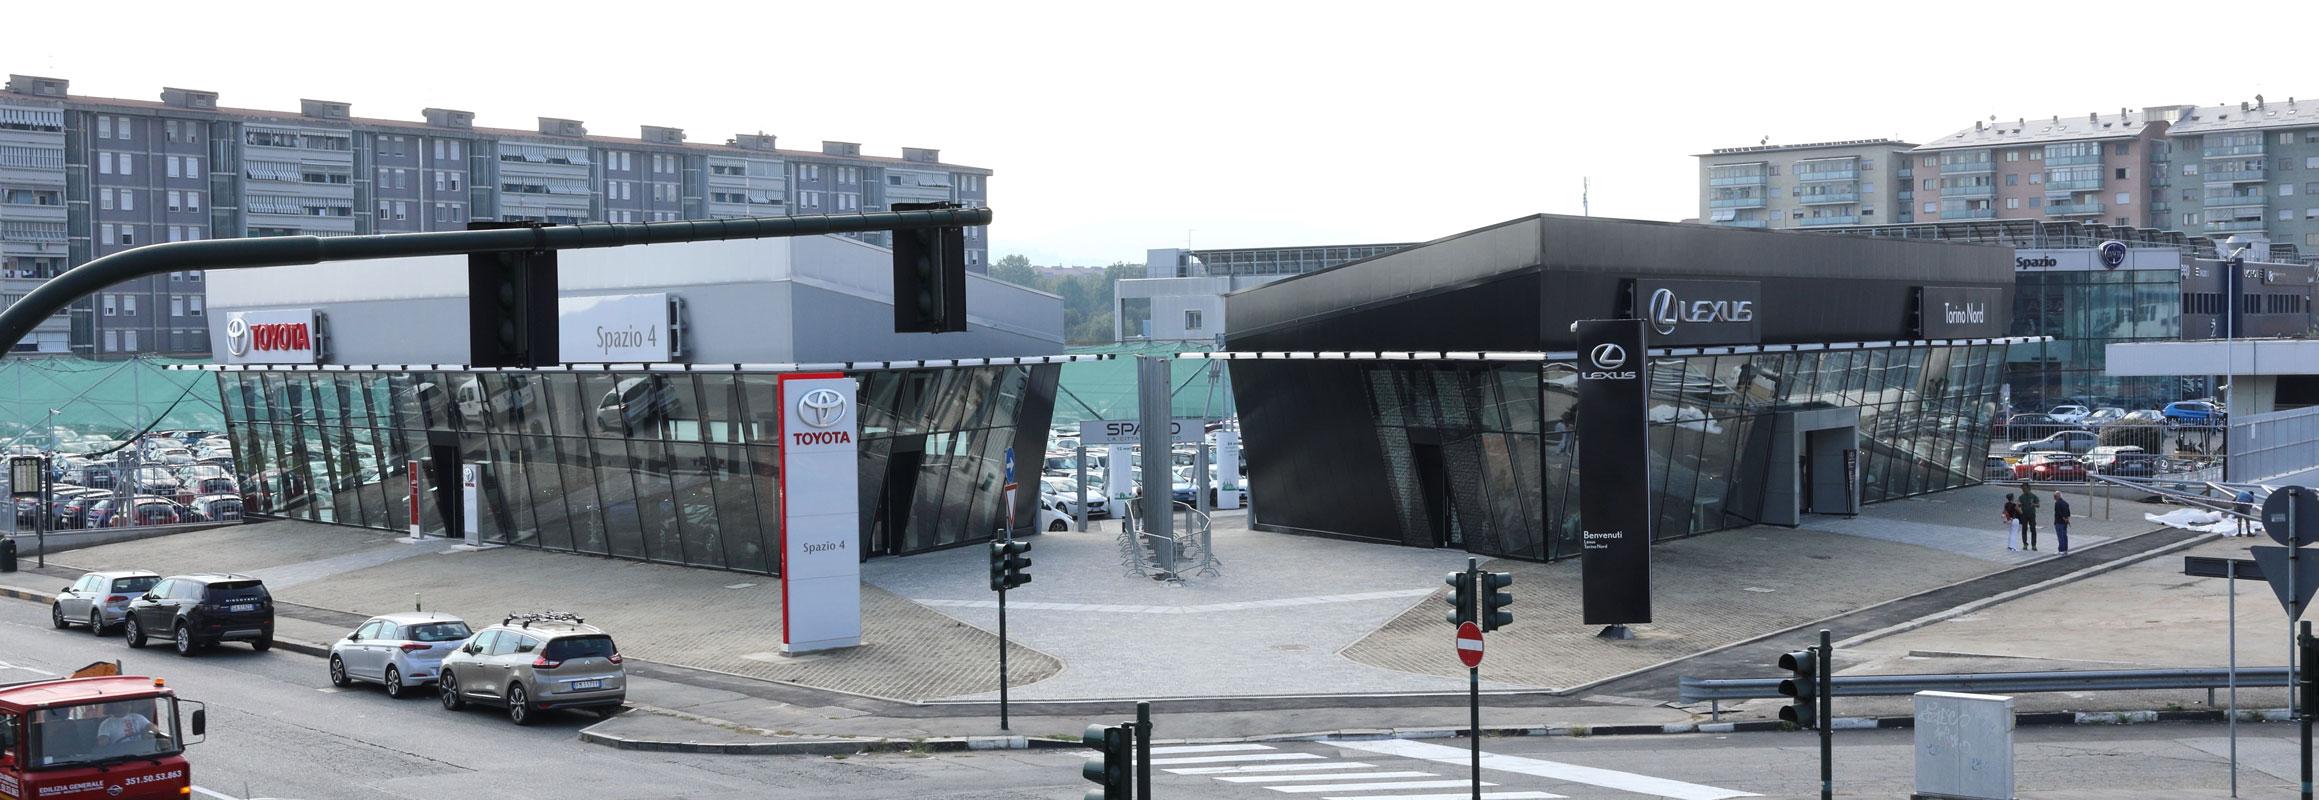 Inaugurazione nuova sede Toyota Lexus a Torino